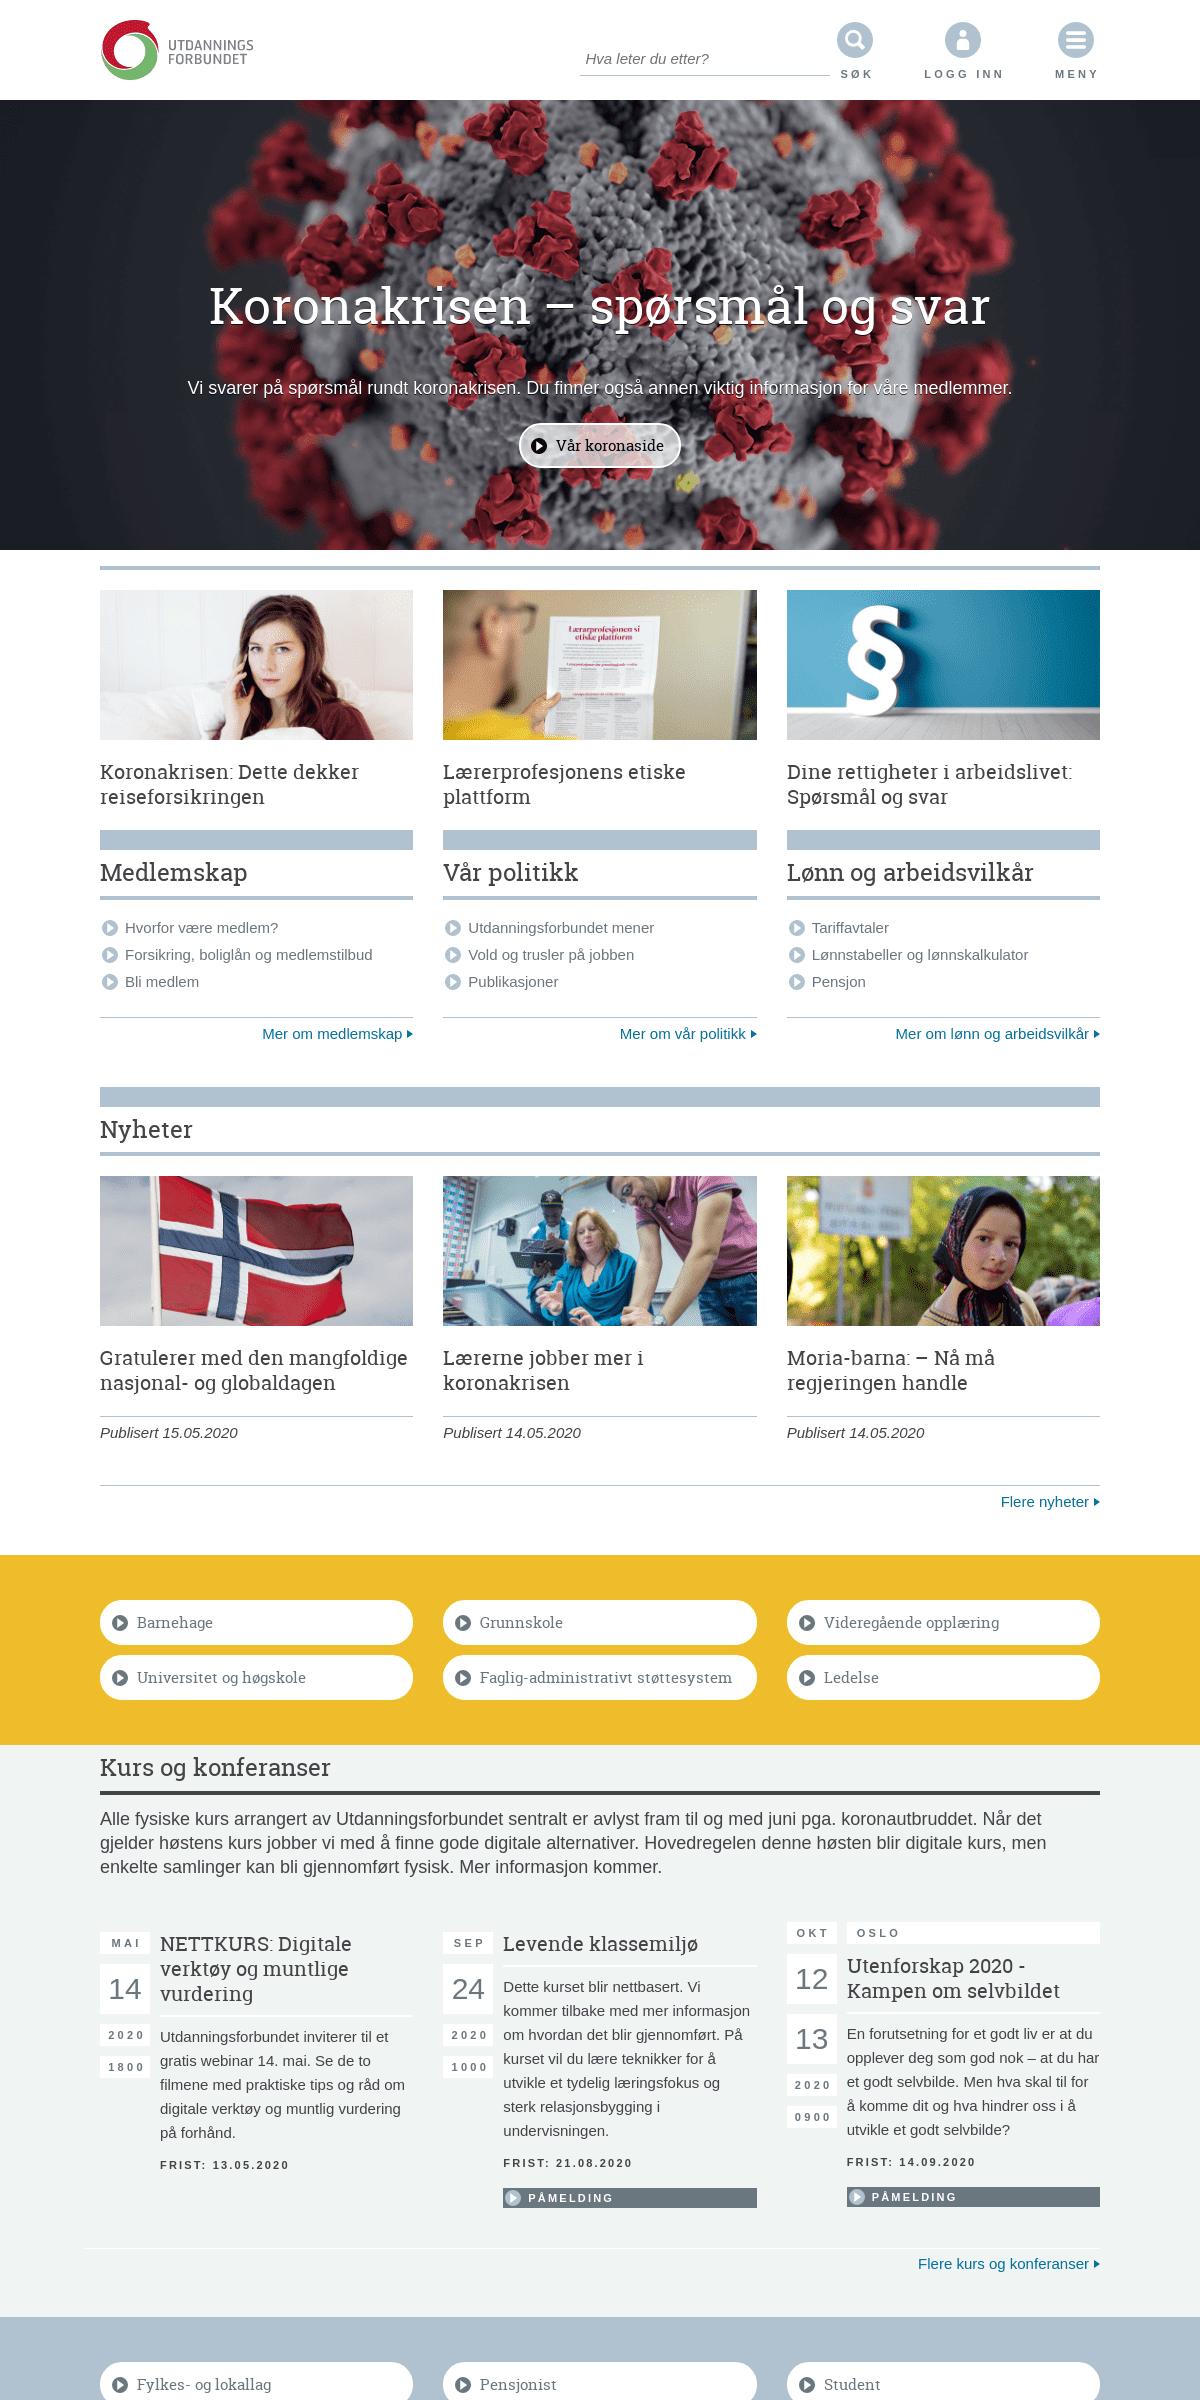 Utdanningsforbundet – Norges største fagforening for hele utdanningssystemet